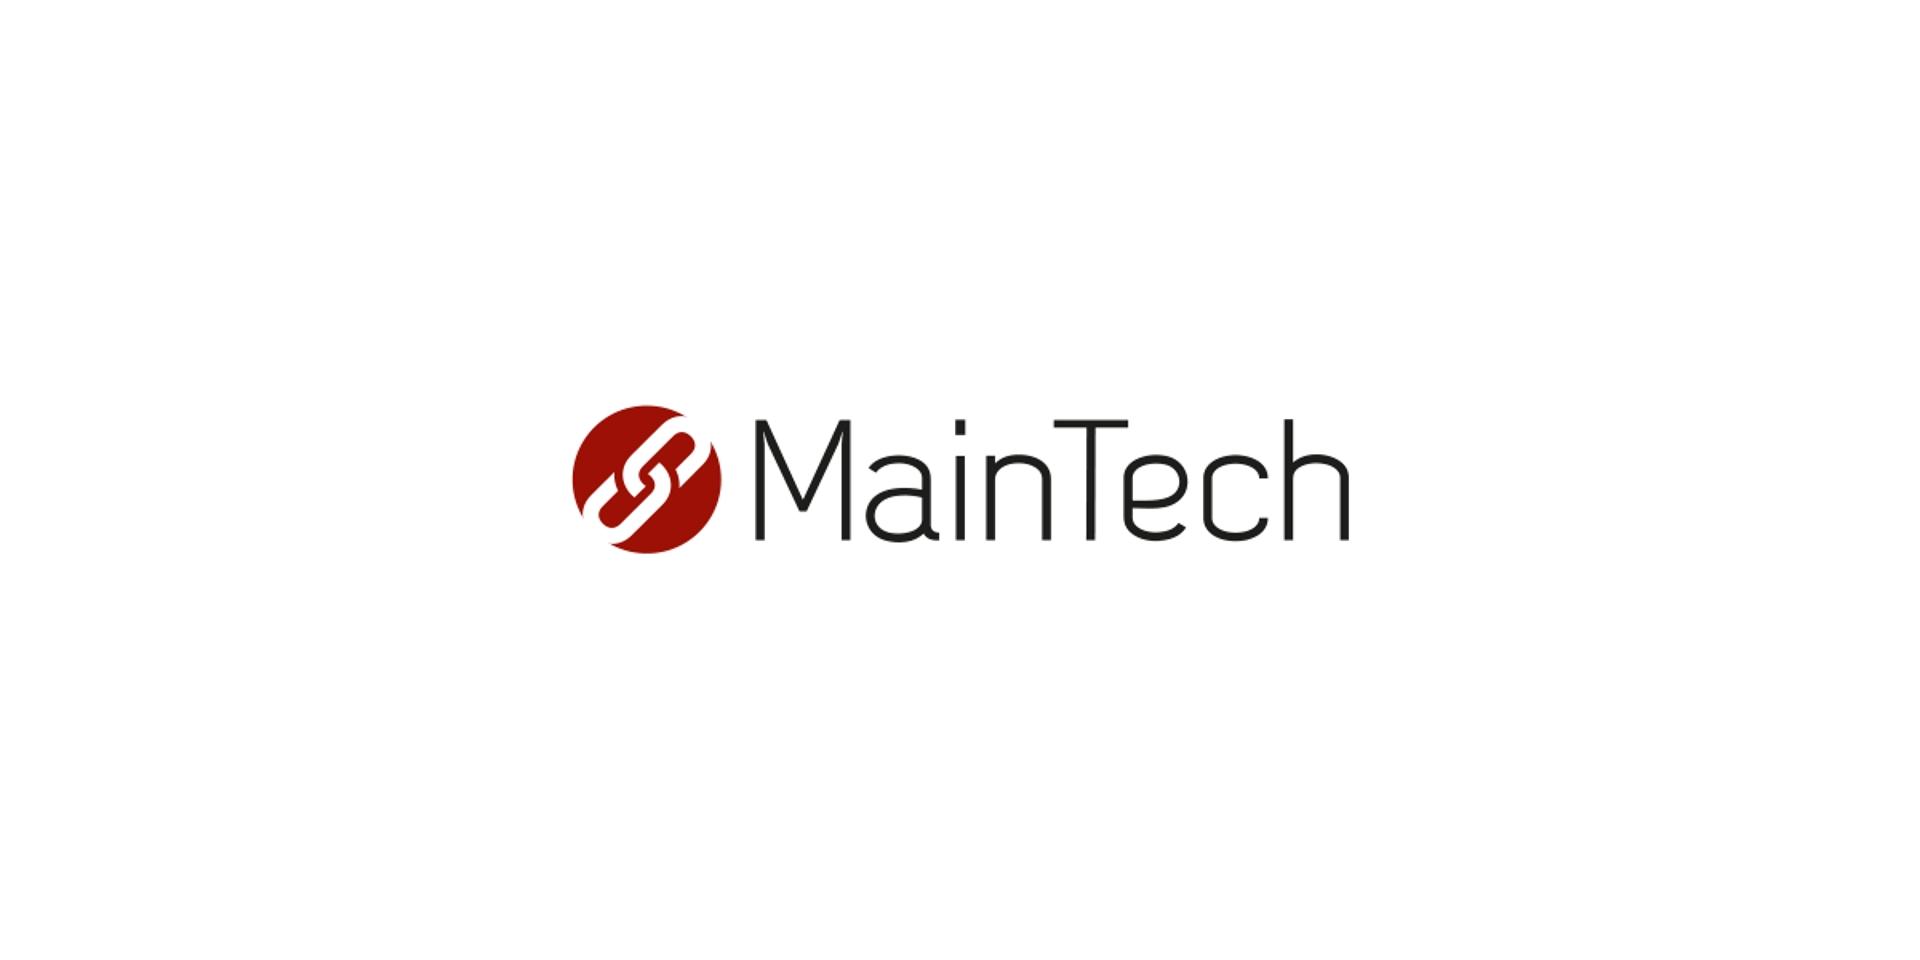 Maintech logo